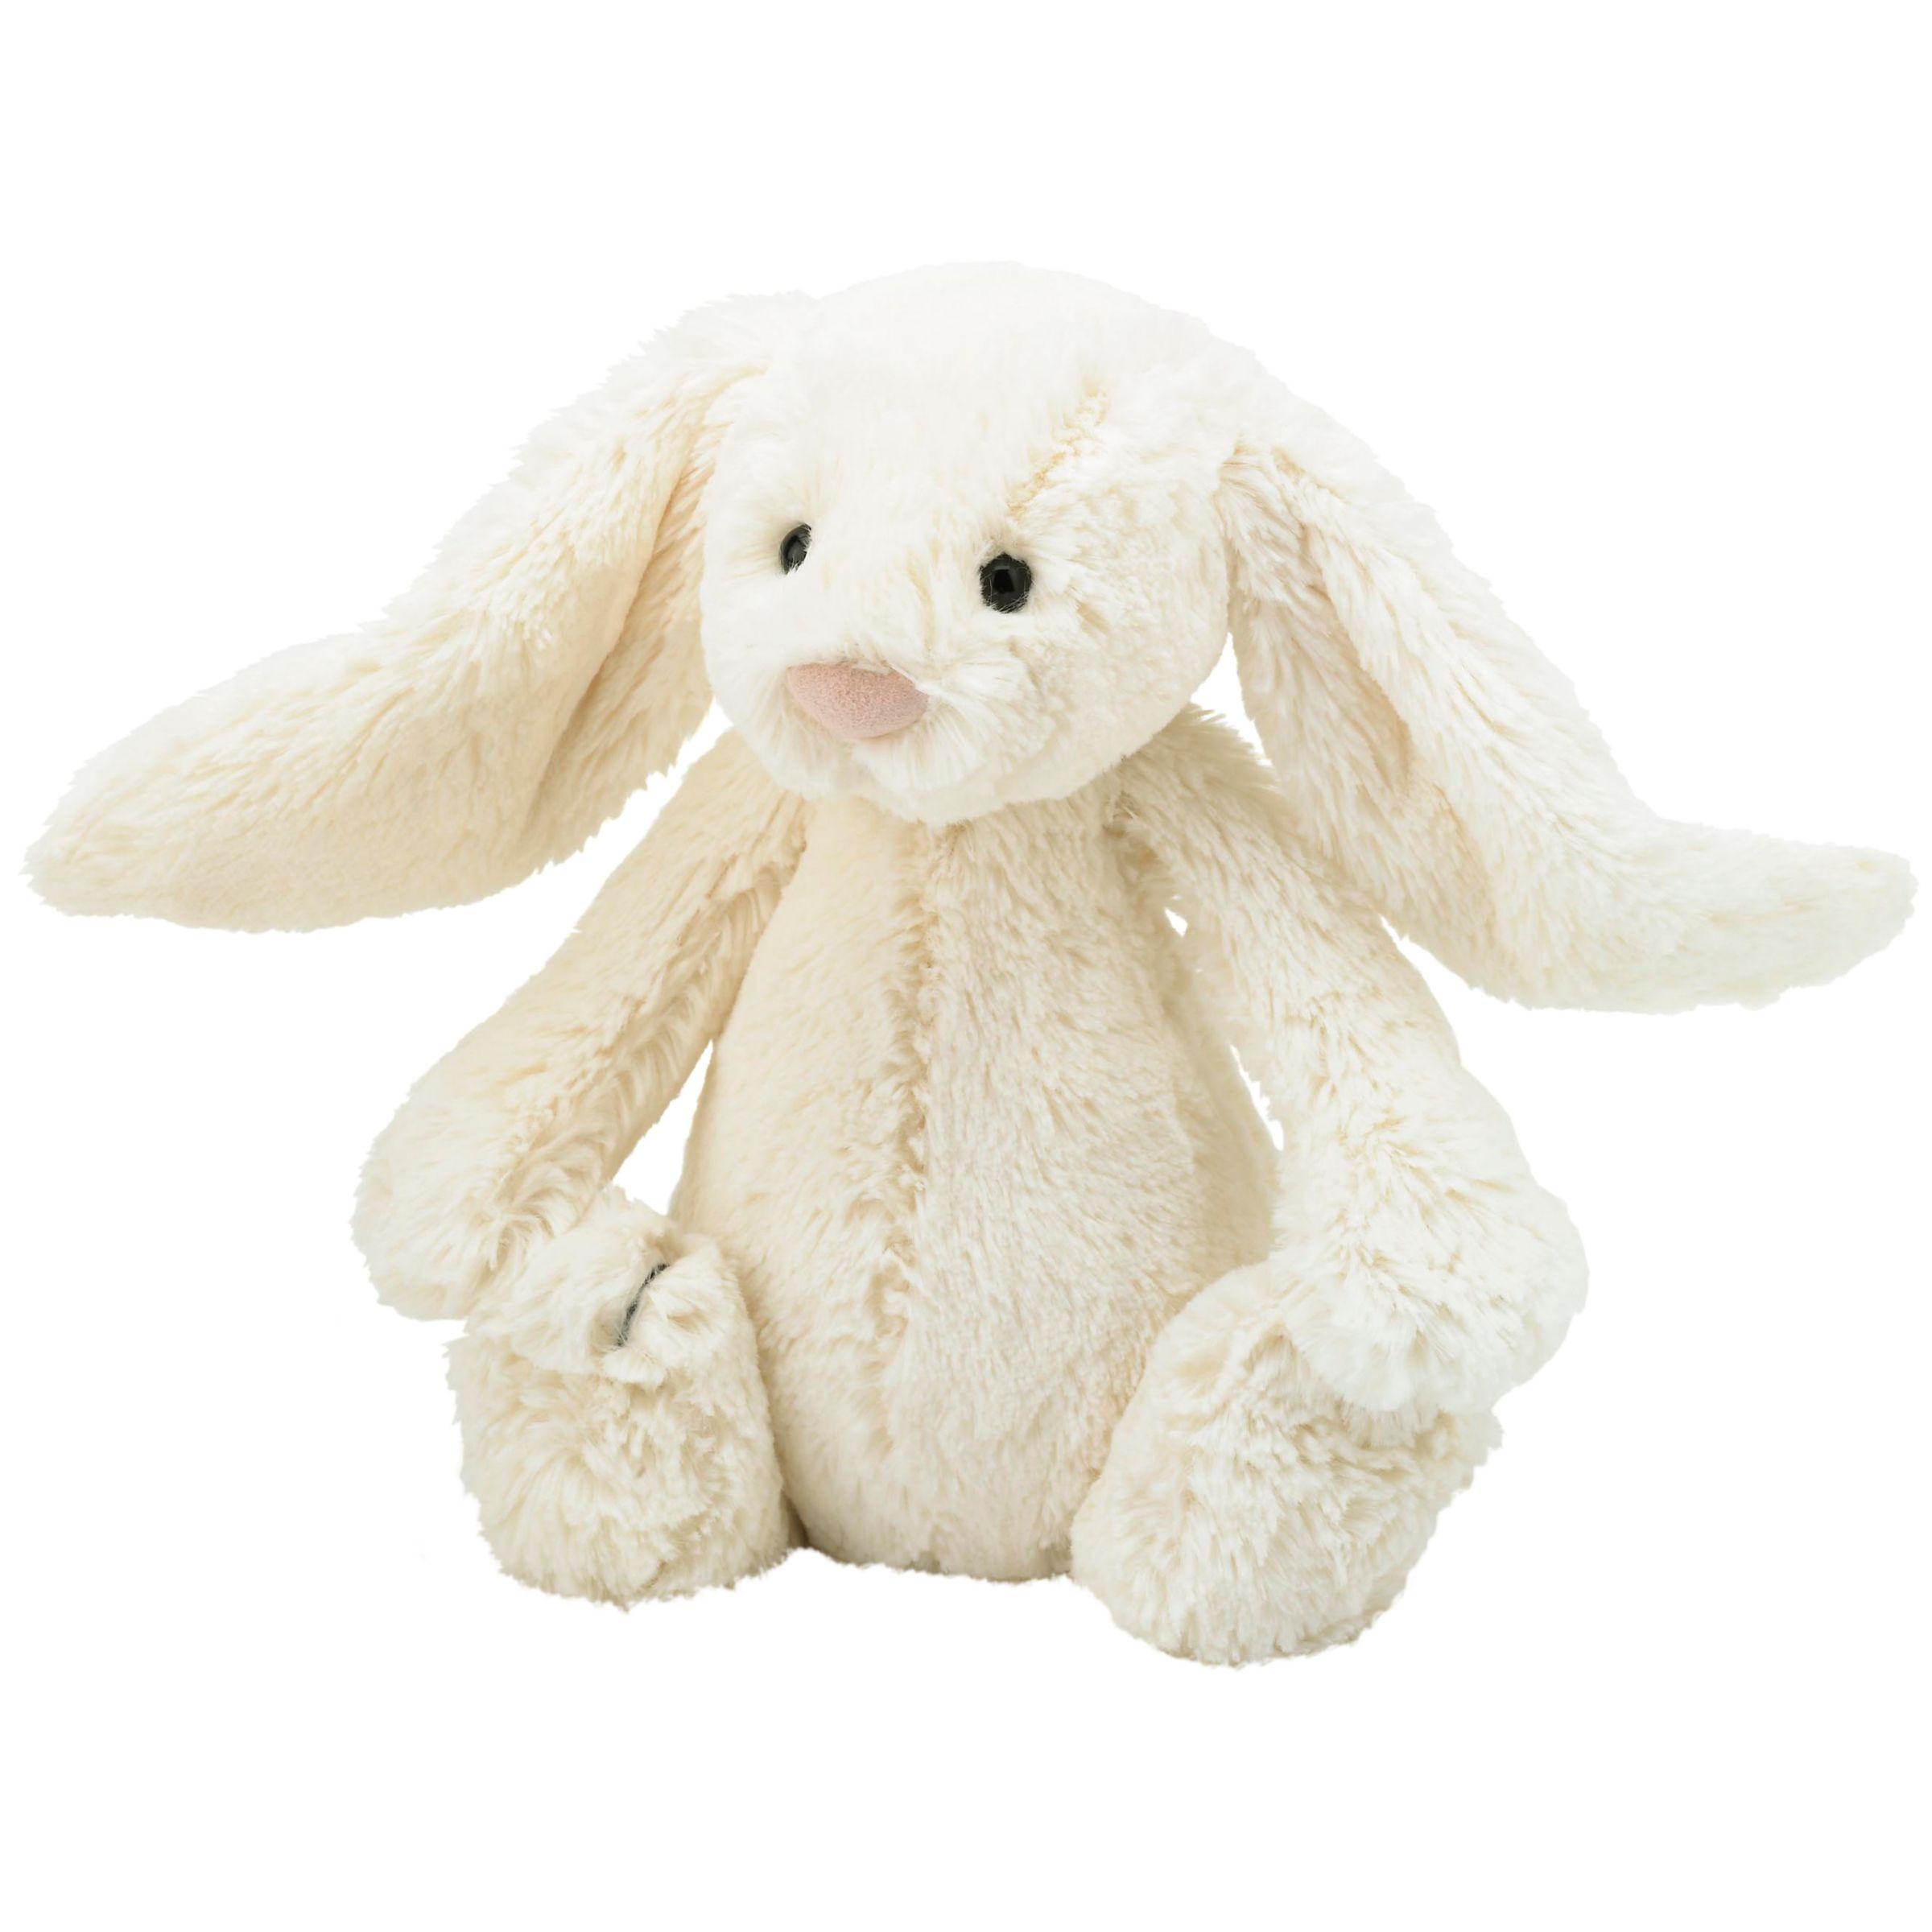 Jellycat Jellycat Bashful Bunny Soft Toy, Large, Cream